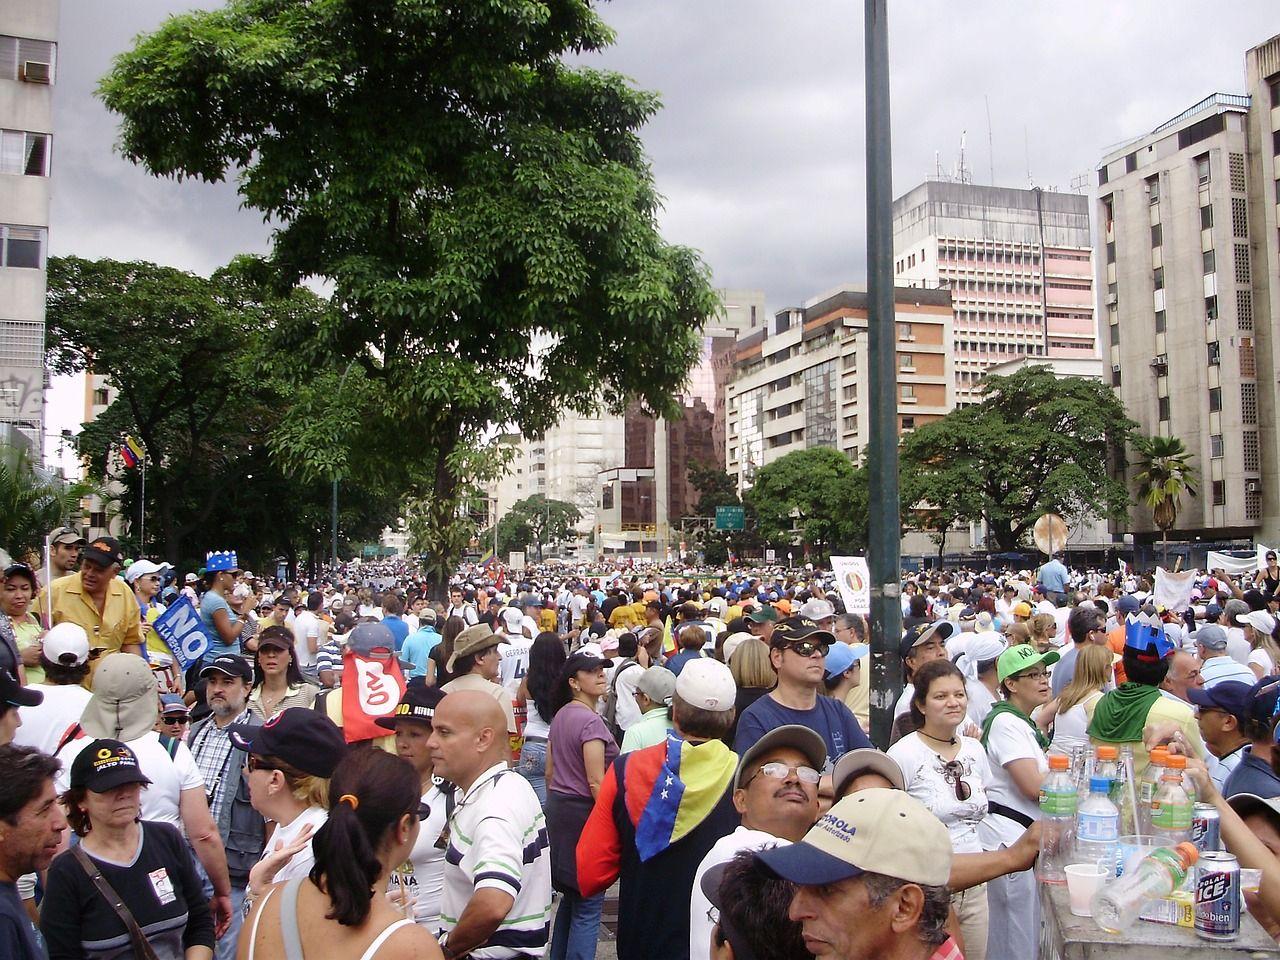 zdjęcie manifestacji